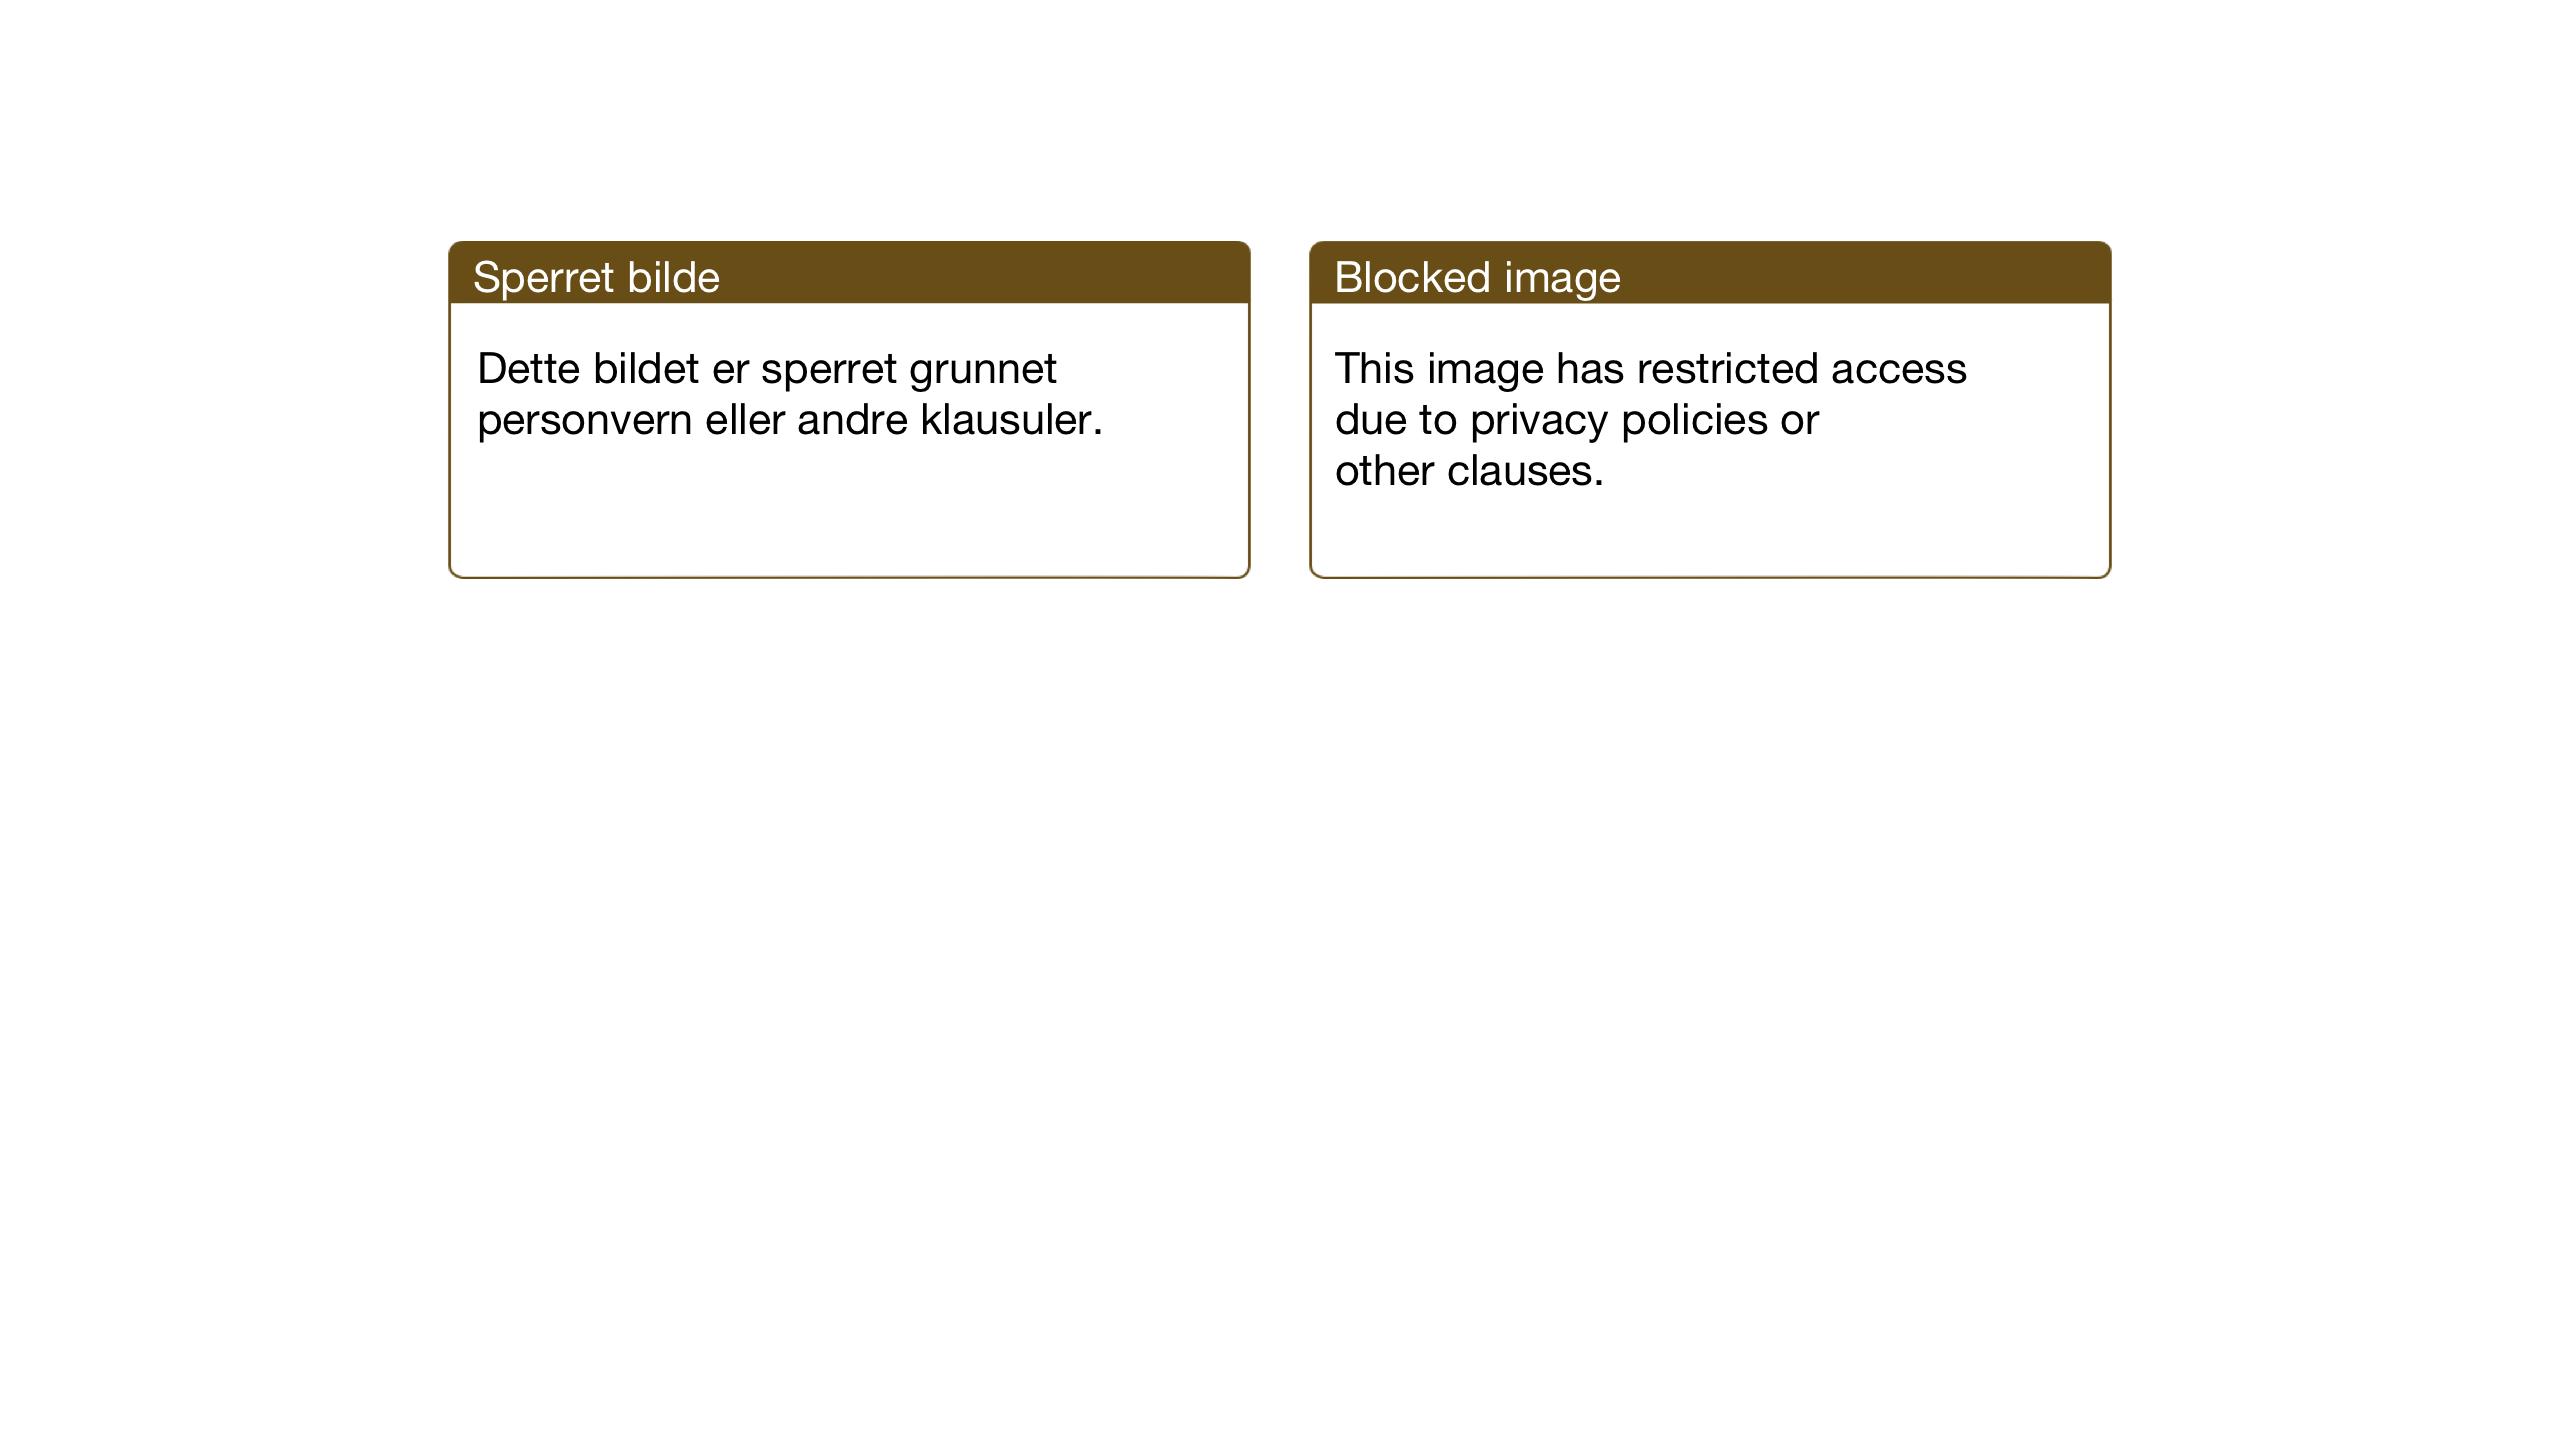 SAT, Ministerialprotokoller, klokkerbøker og fødselsregistre - Nord-Trøndelag, 730/L0304: Klokkerbok nr. 730C07, 1934-1945, s. 21